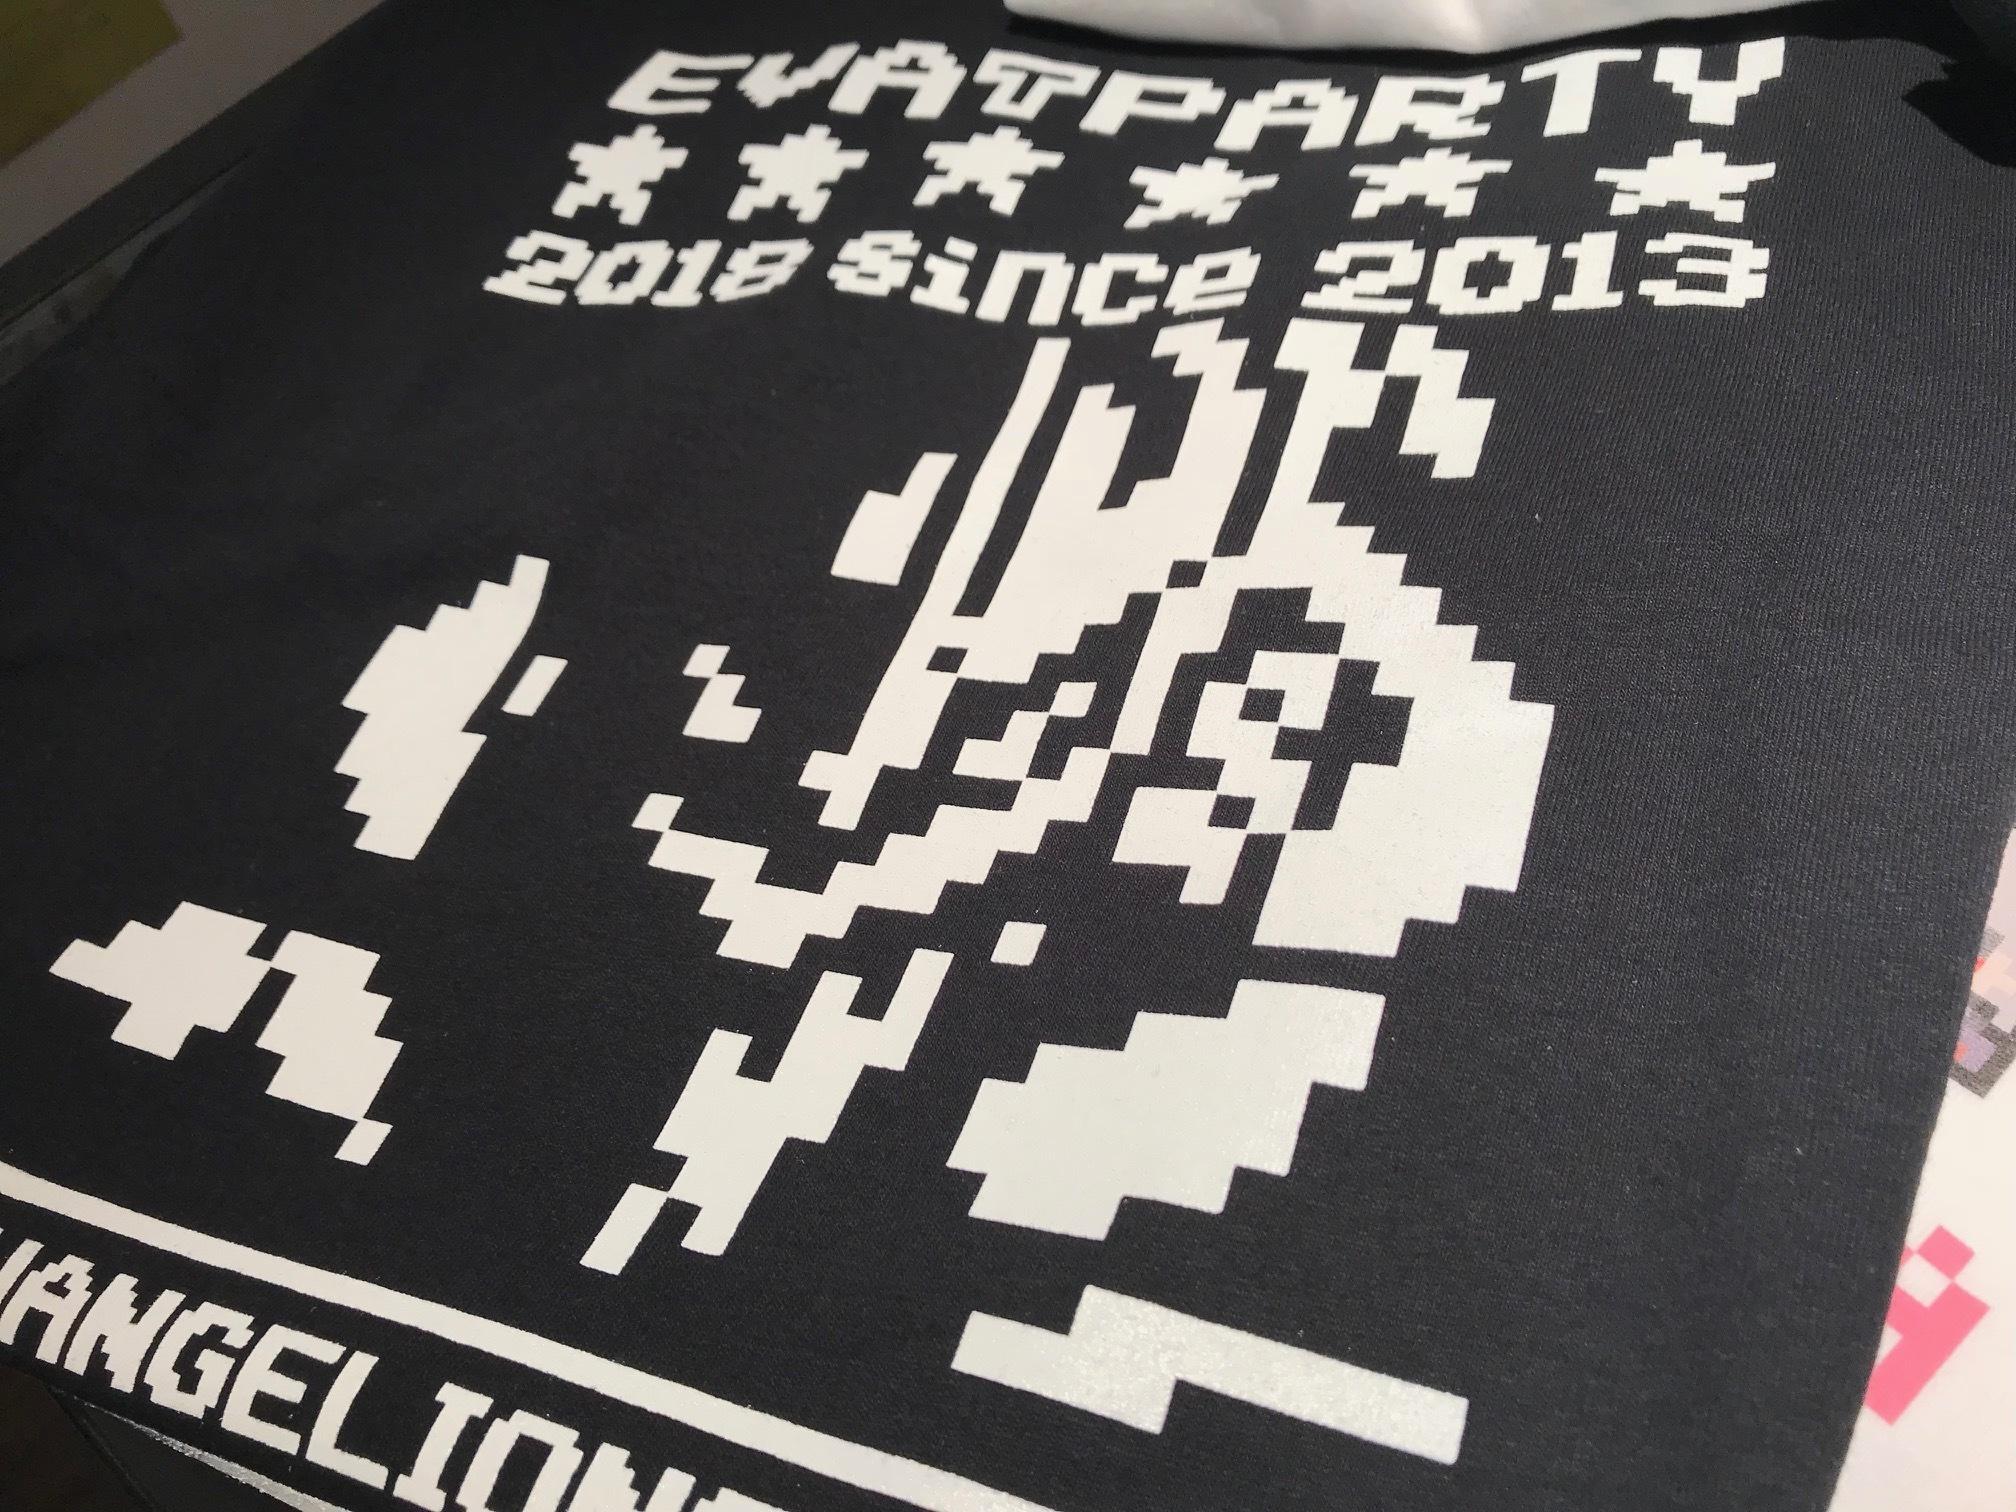 (販売終了) エヴァンゲリオン・CONTROLLERコラボ商品  EVA T PARTY 2018 in SAPPORO 限定 ドットTシャツ -ロゴ-